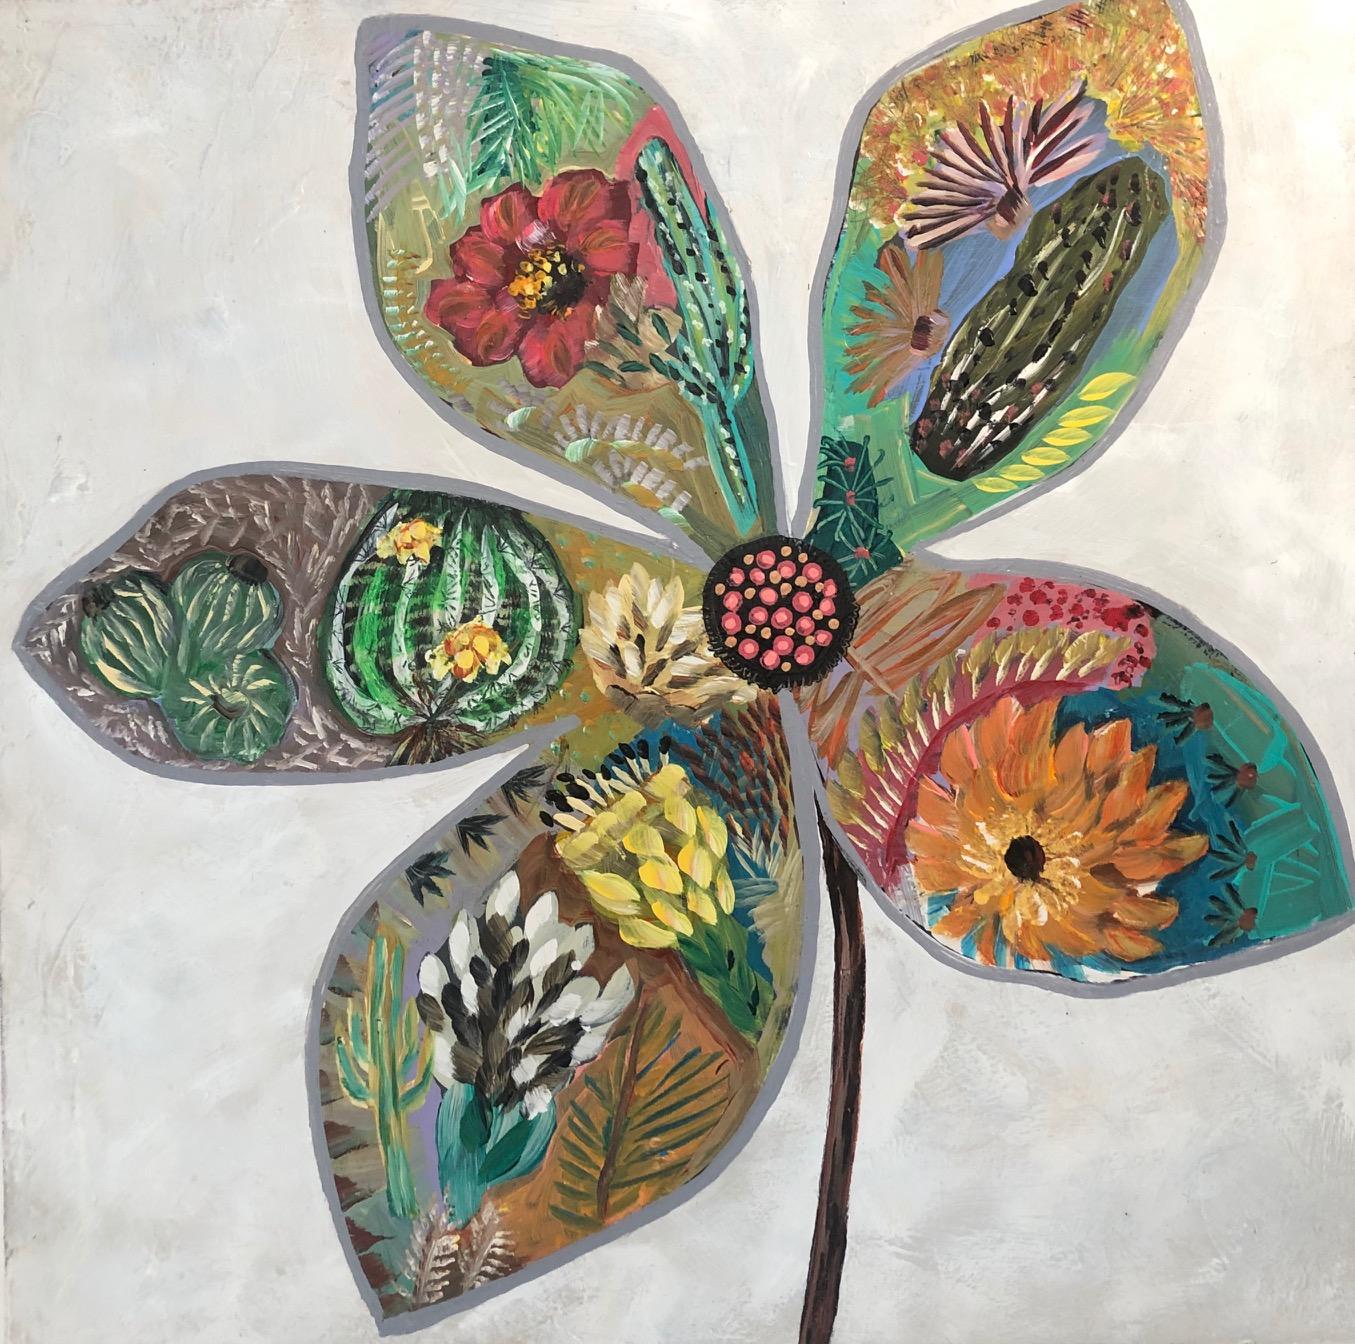 SVB19-WHITE FLOWER 1 by Sarah Van Beckum | ArtworkNetwork.com